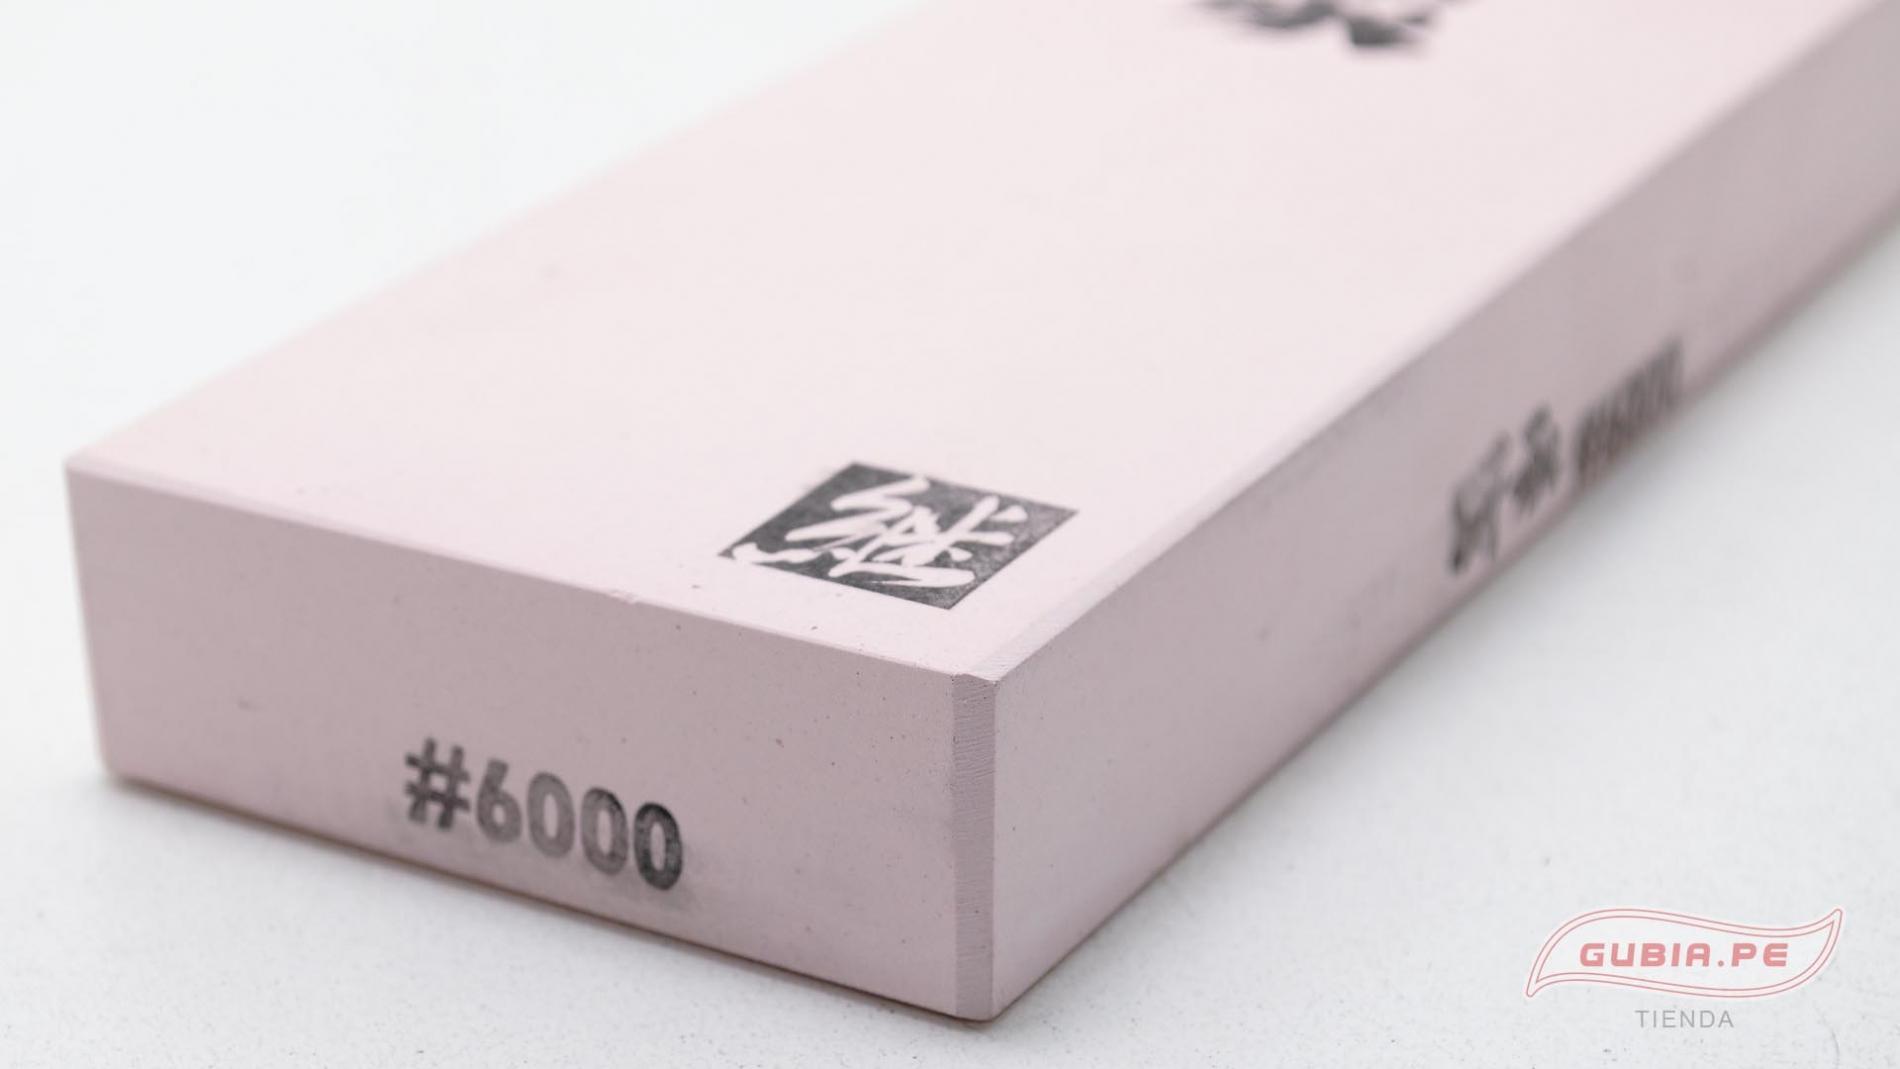 KSK6000-Piedra de asentar 6000 pulir filo de cuchillos Ken Syou Kei-max-3.